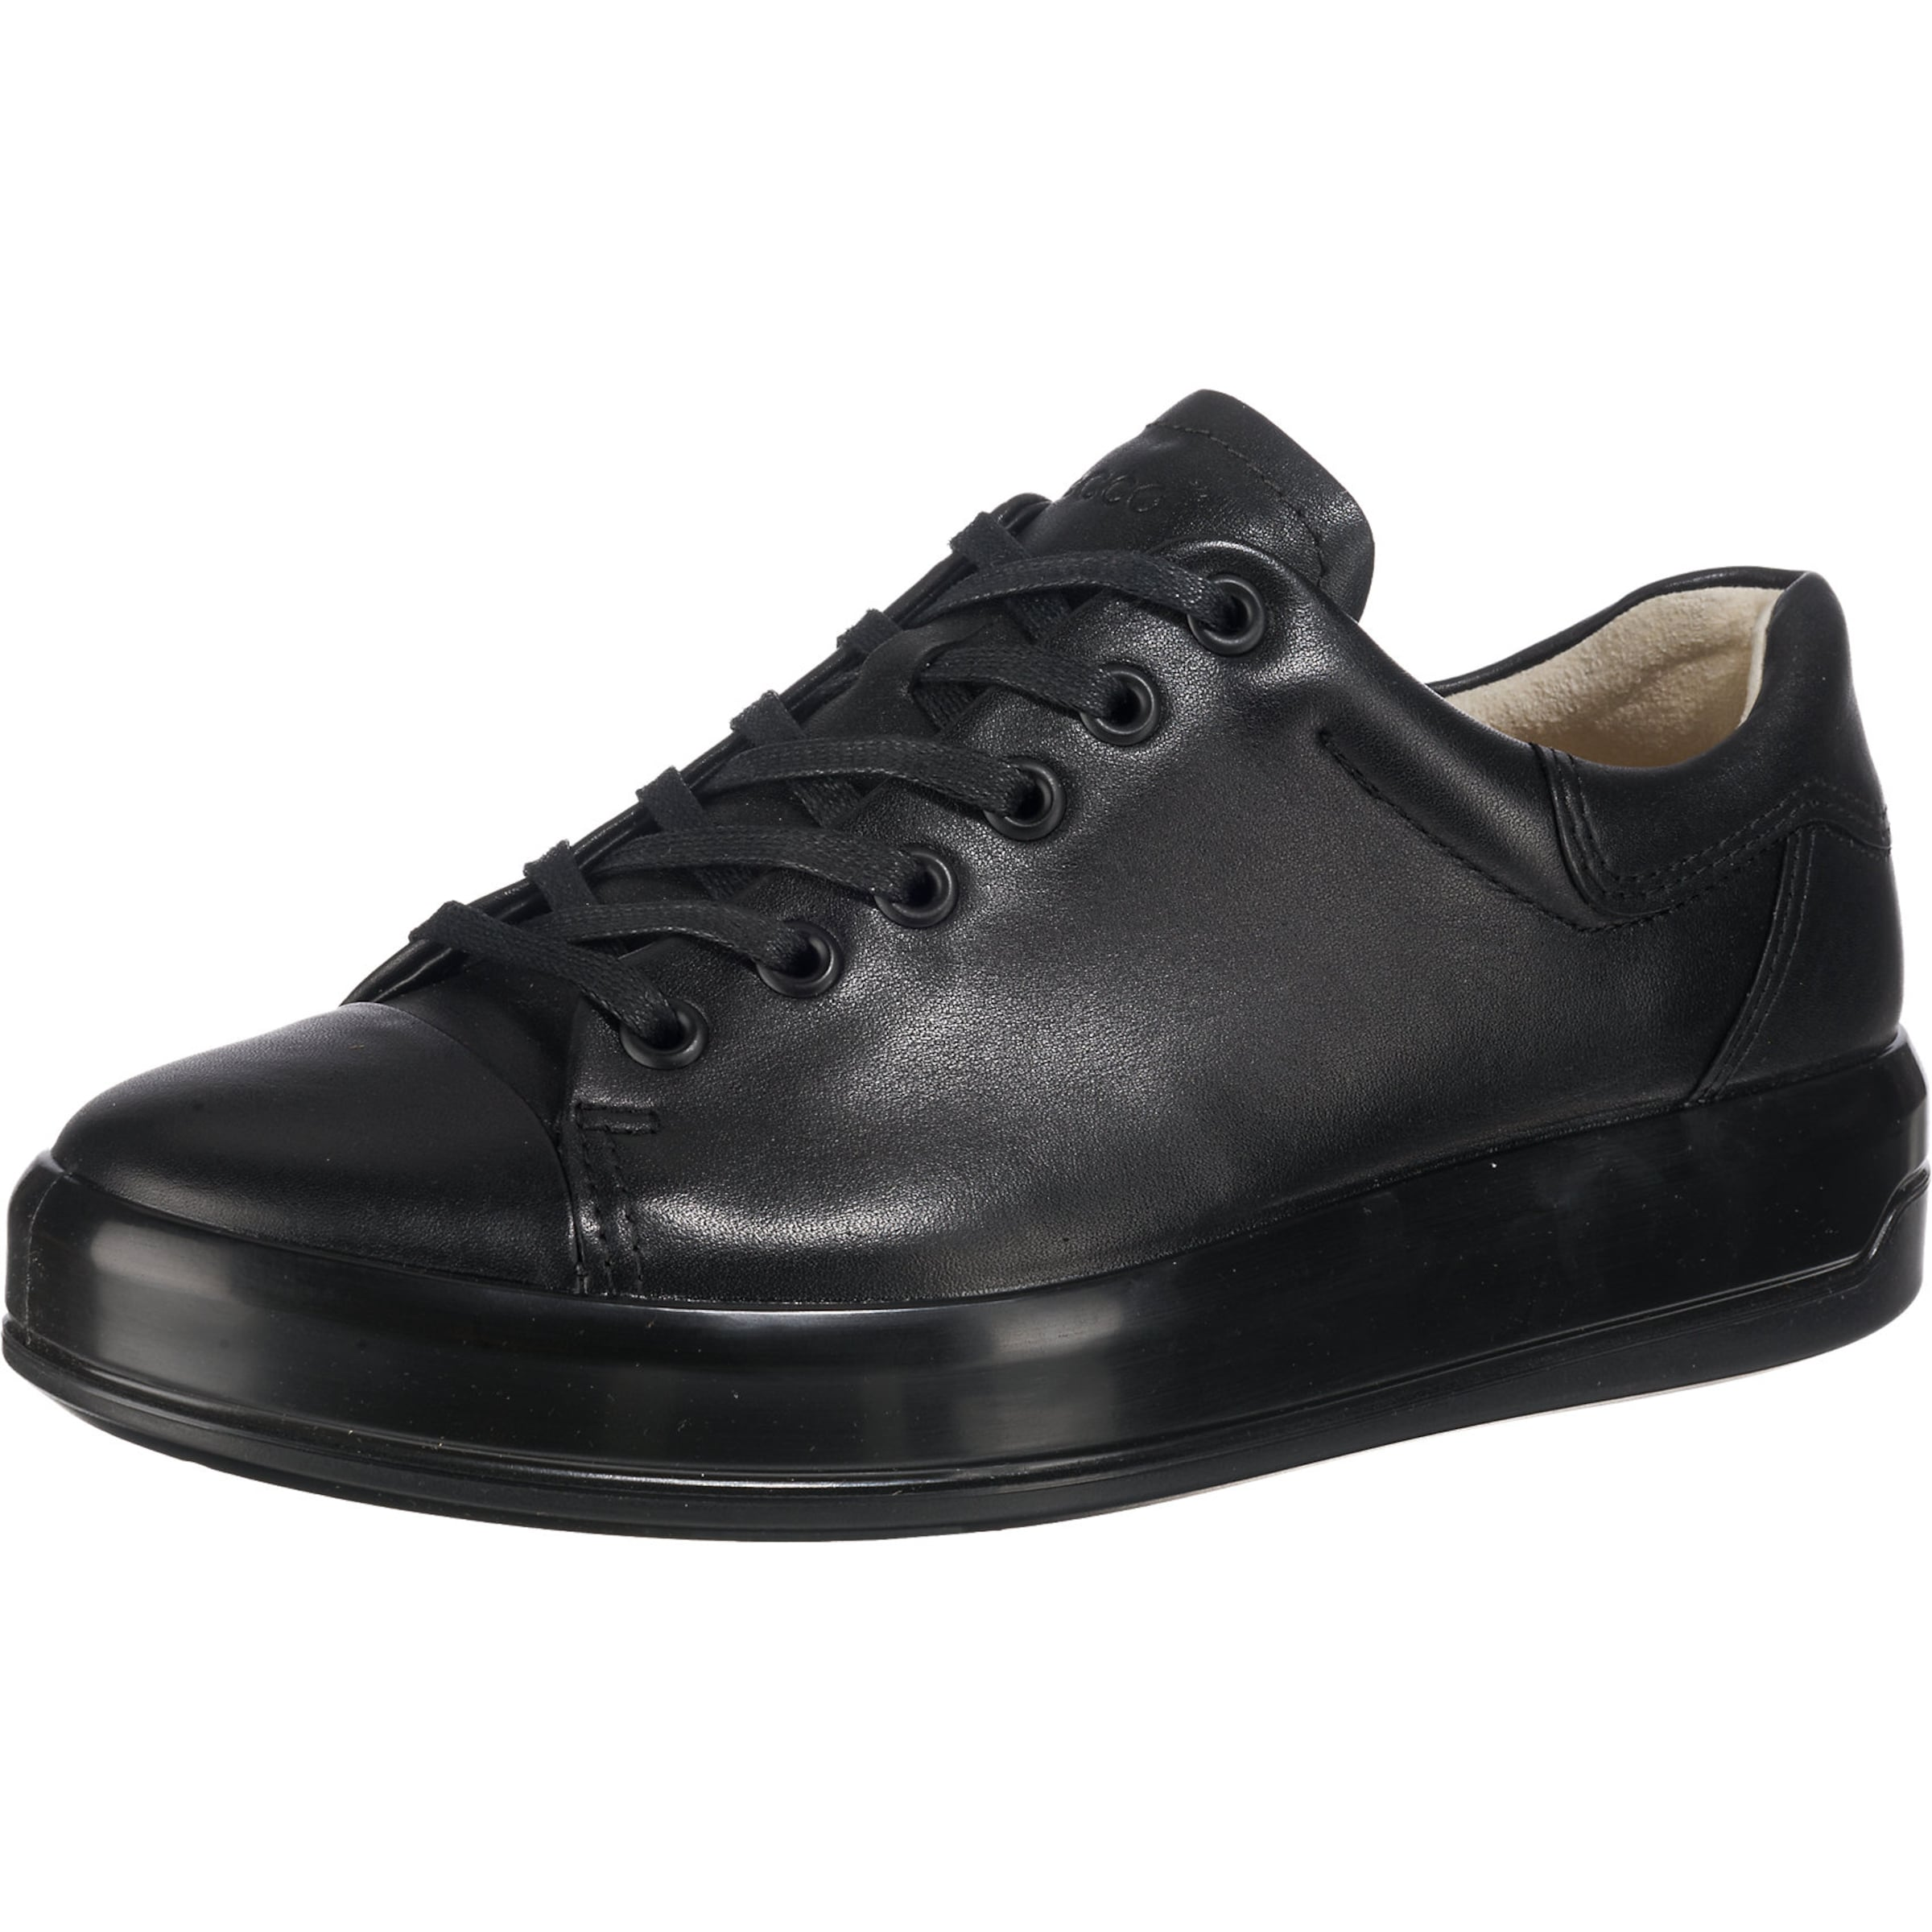 ECCO Soft 9 Sneakers Verschleißfeste billige Schuhe